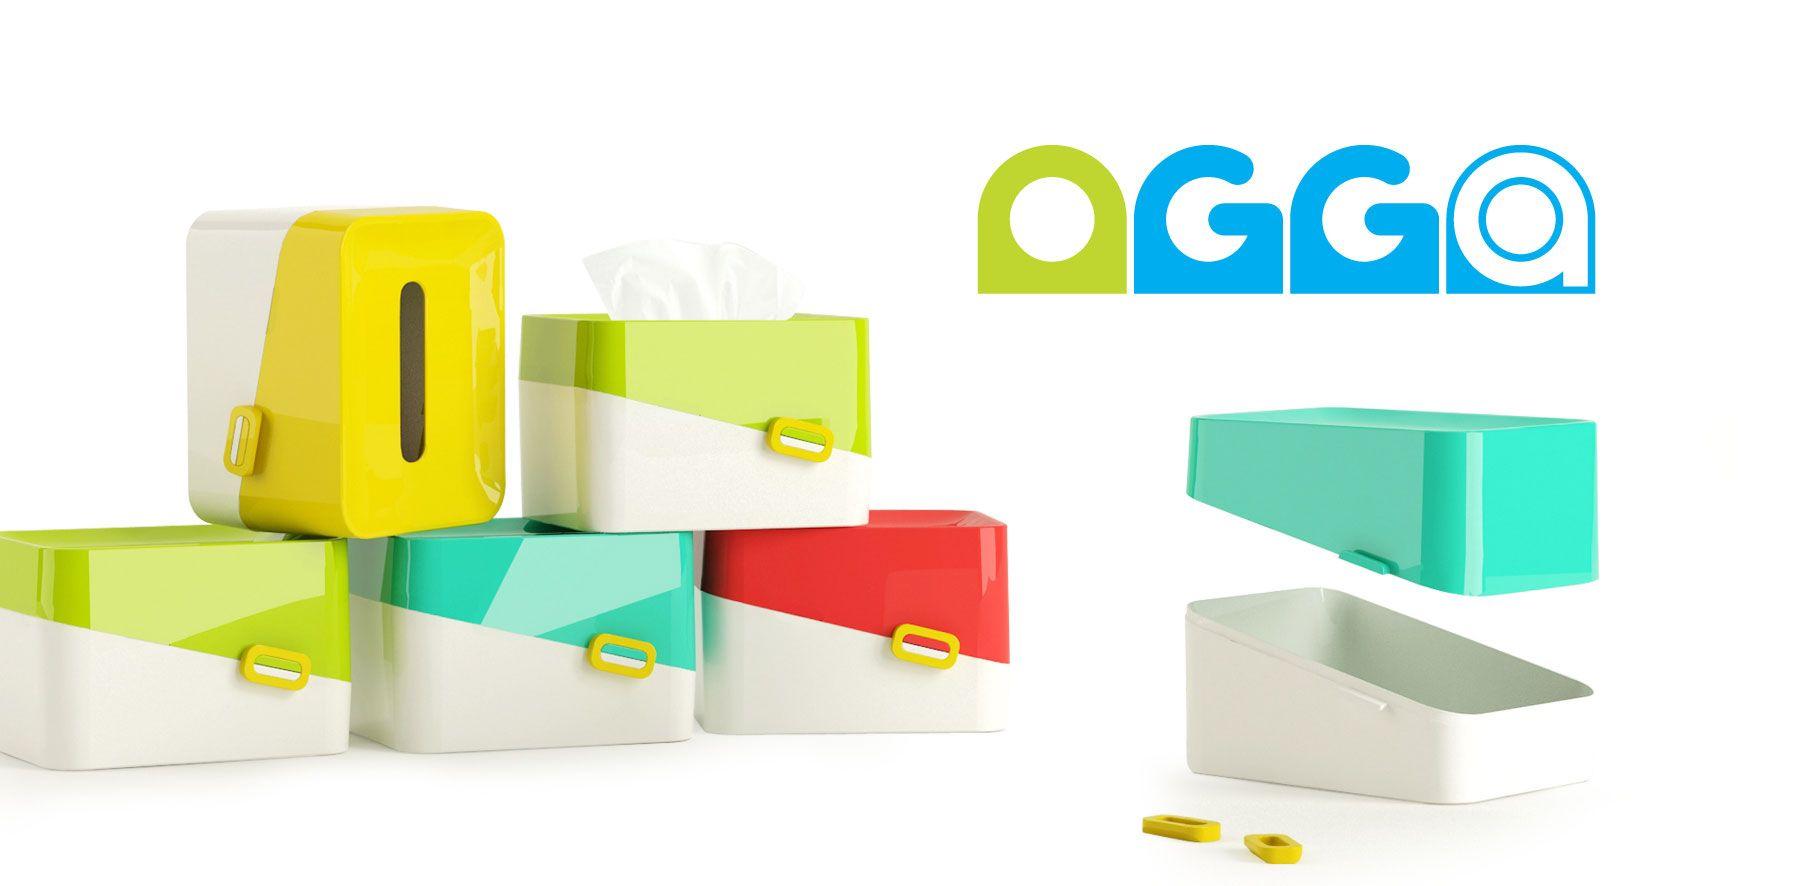 กล่องทิชชู่เหลี่ยม สีจี๊ด ของพรีเมี่ยมสุดชิค สุดเริ่ด แตกต่าง เน้นไอเดีย ดีไซน์โดน ติดต่อ www.ogga-idea.com tel :  +66 92 426 5446   mail : ogga.info@gmail.com เพื่อเป็นของแถม แจกลูกค้า งาน event ปีใหม่ ขายปลีก ขายส่ง รับพรีออร์เดอร์ด่วน หรือสั่งผลิต พร้อมพิมพ์โลโก้ของคุณเอง